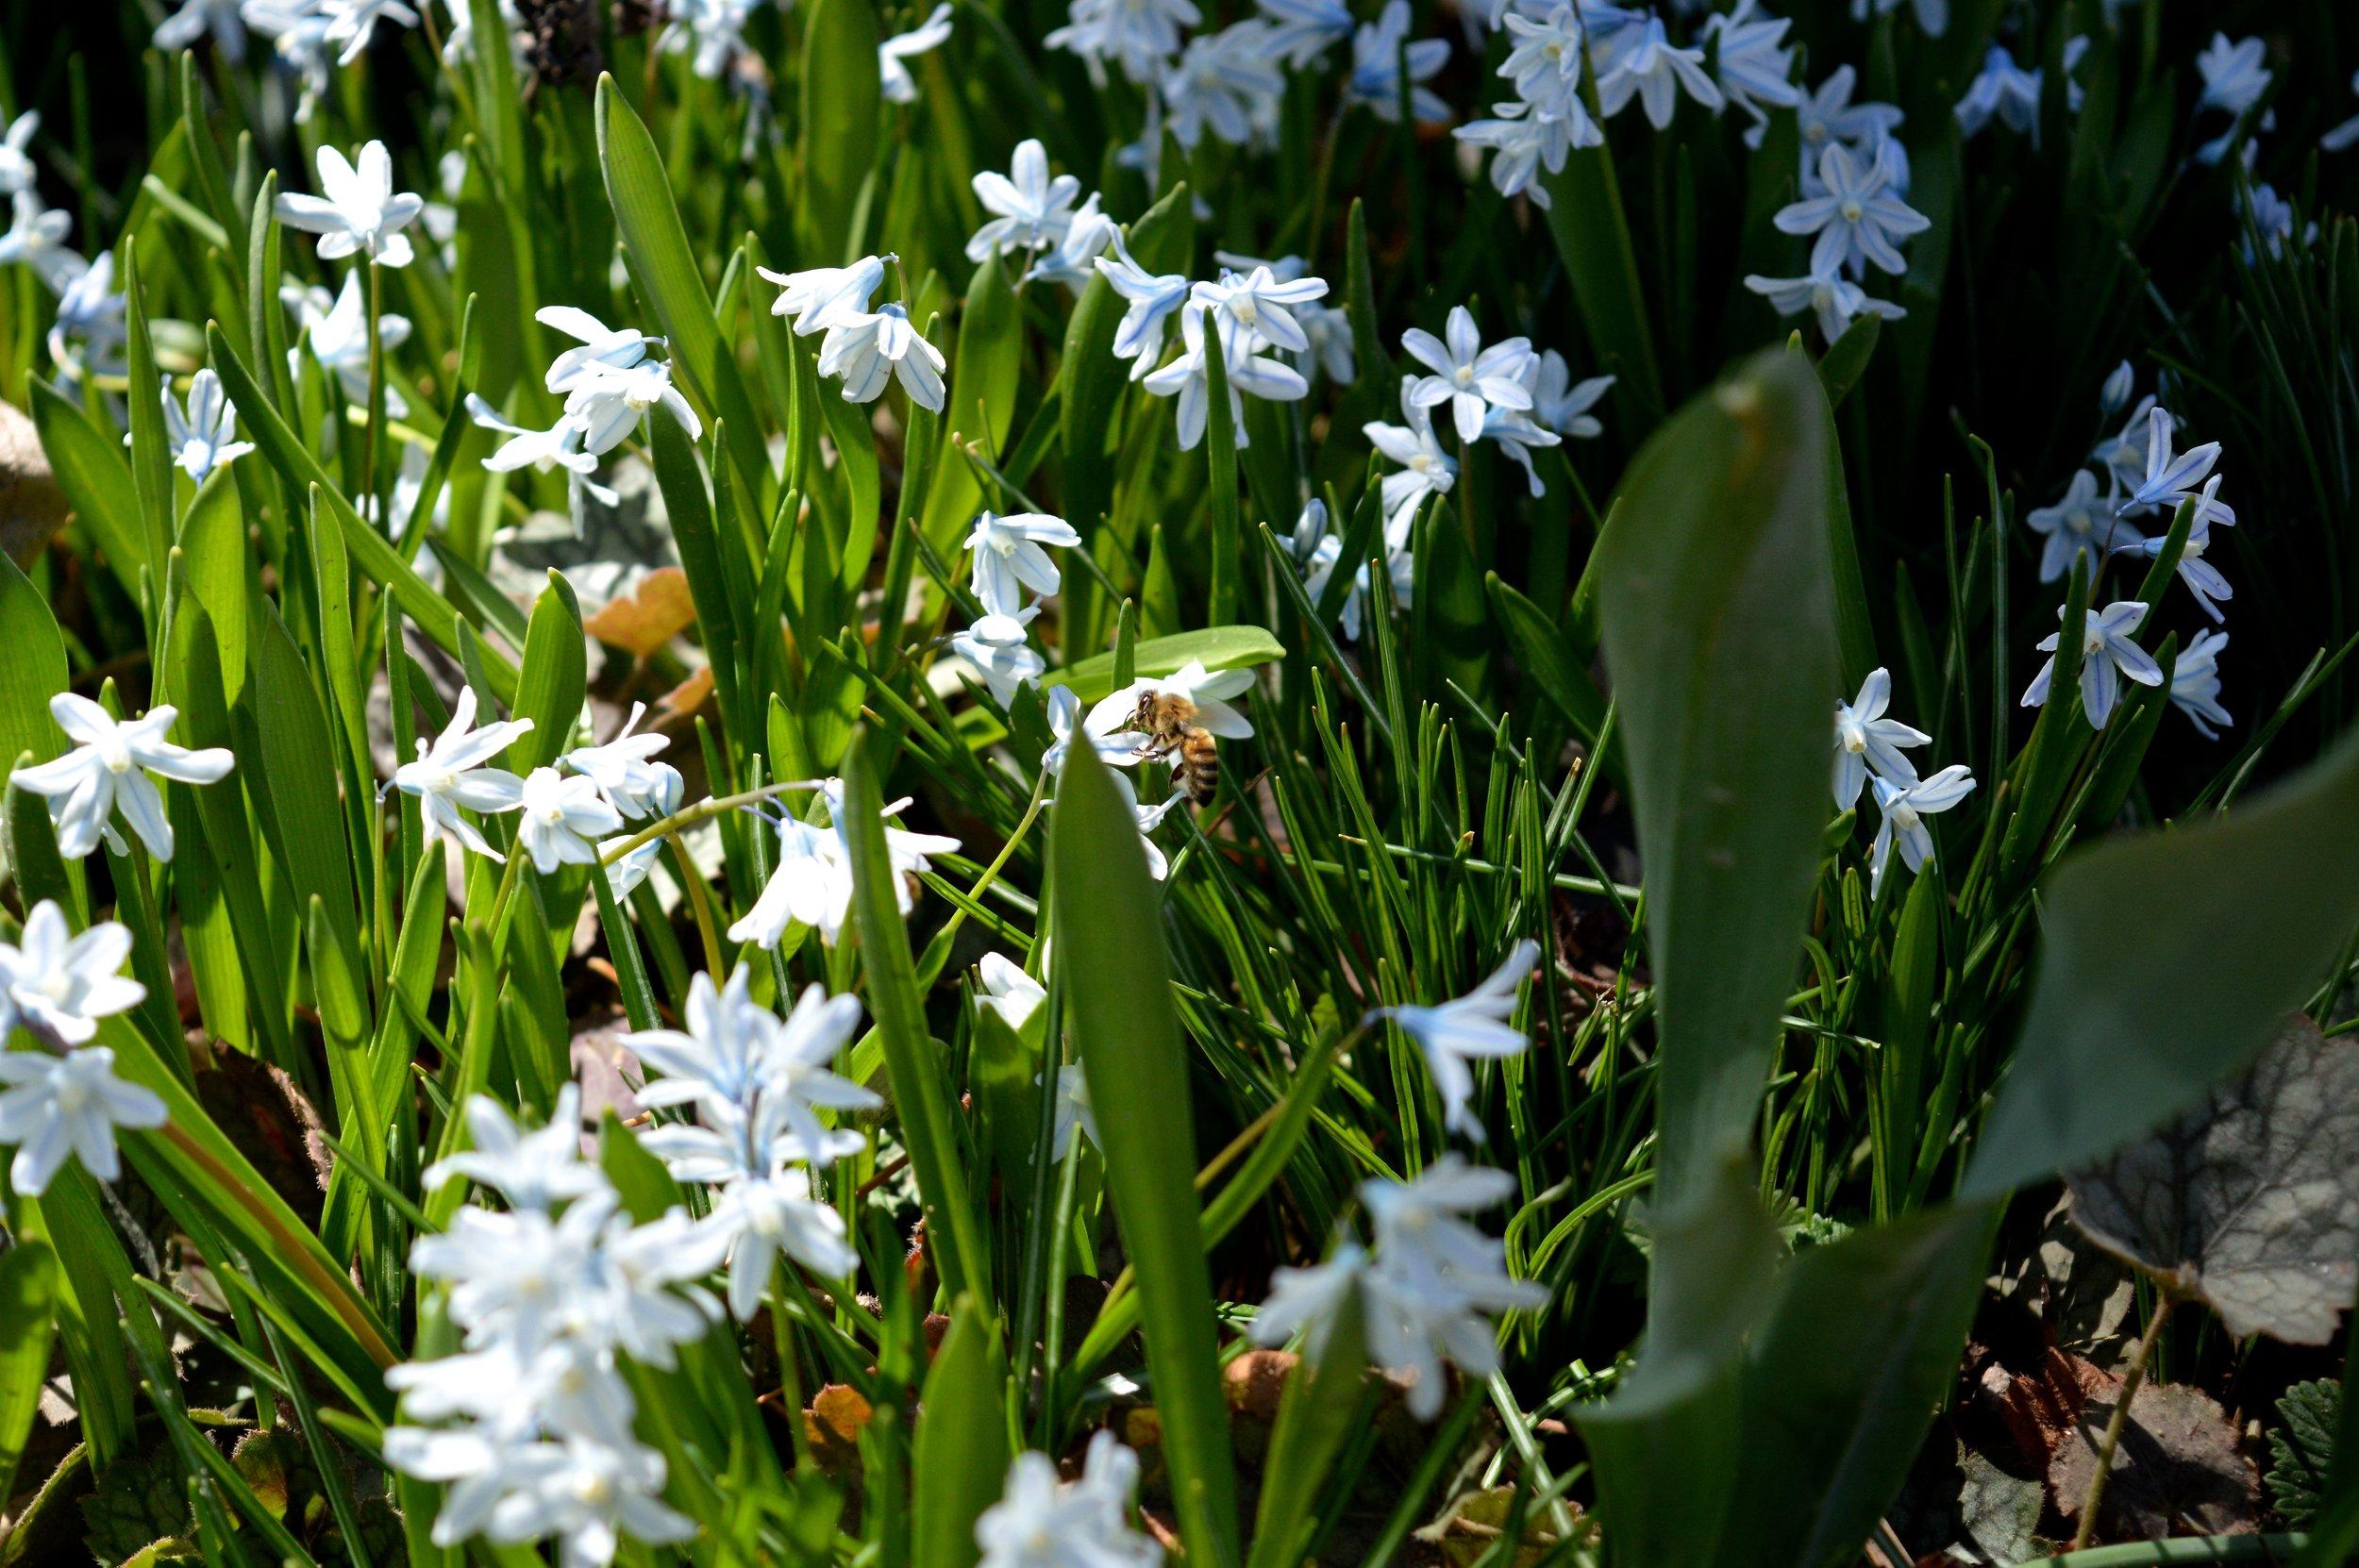 denver-botanic-gardens-April-13-6.jpg